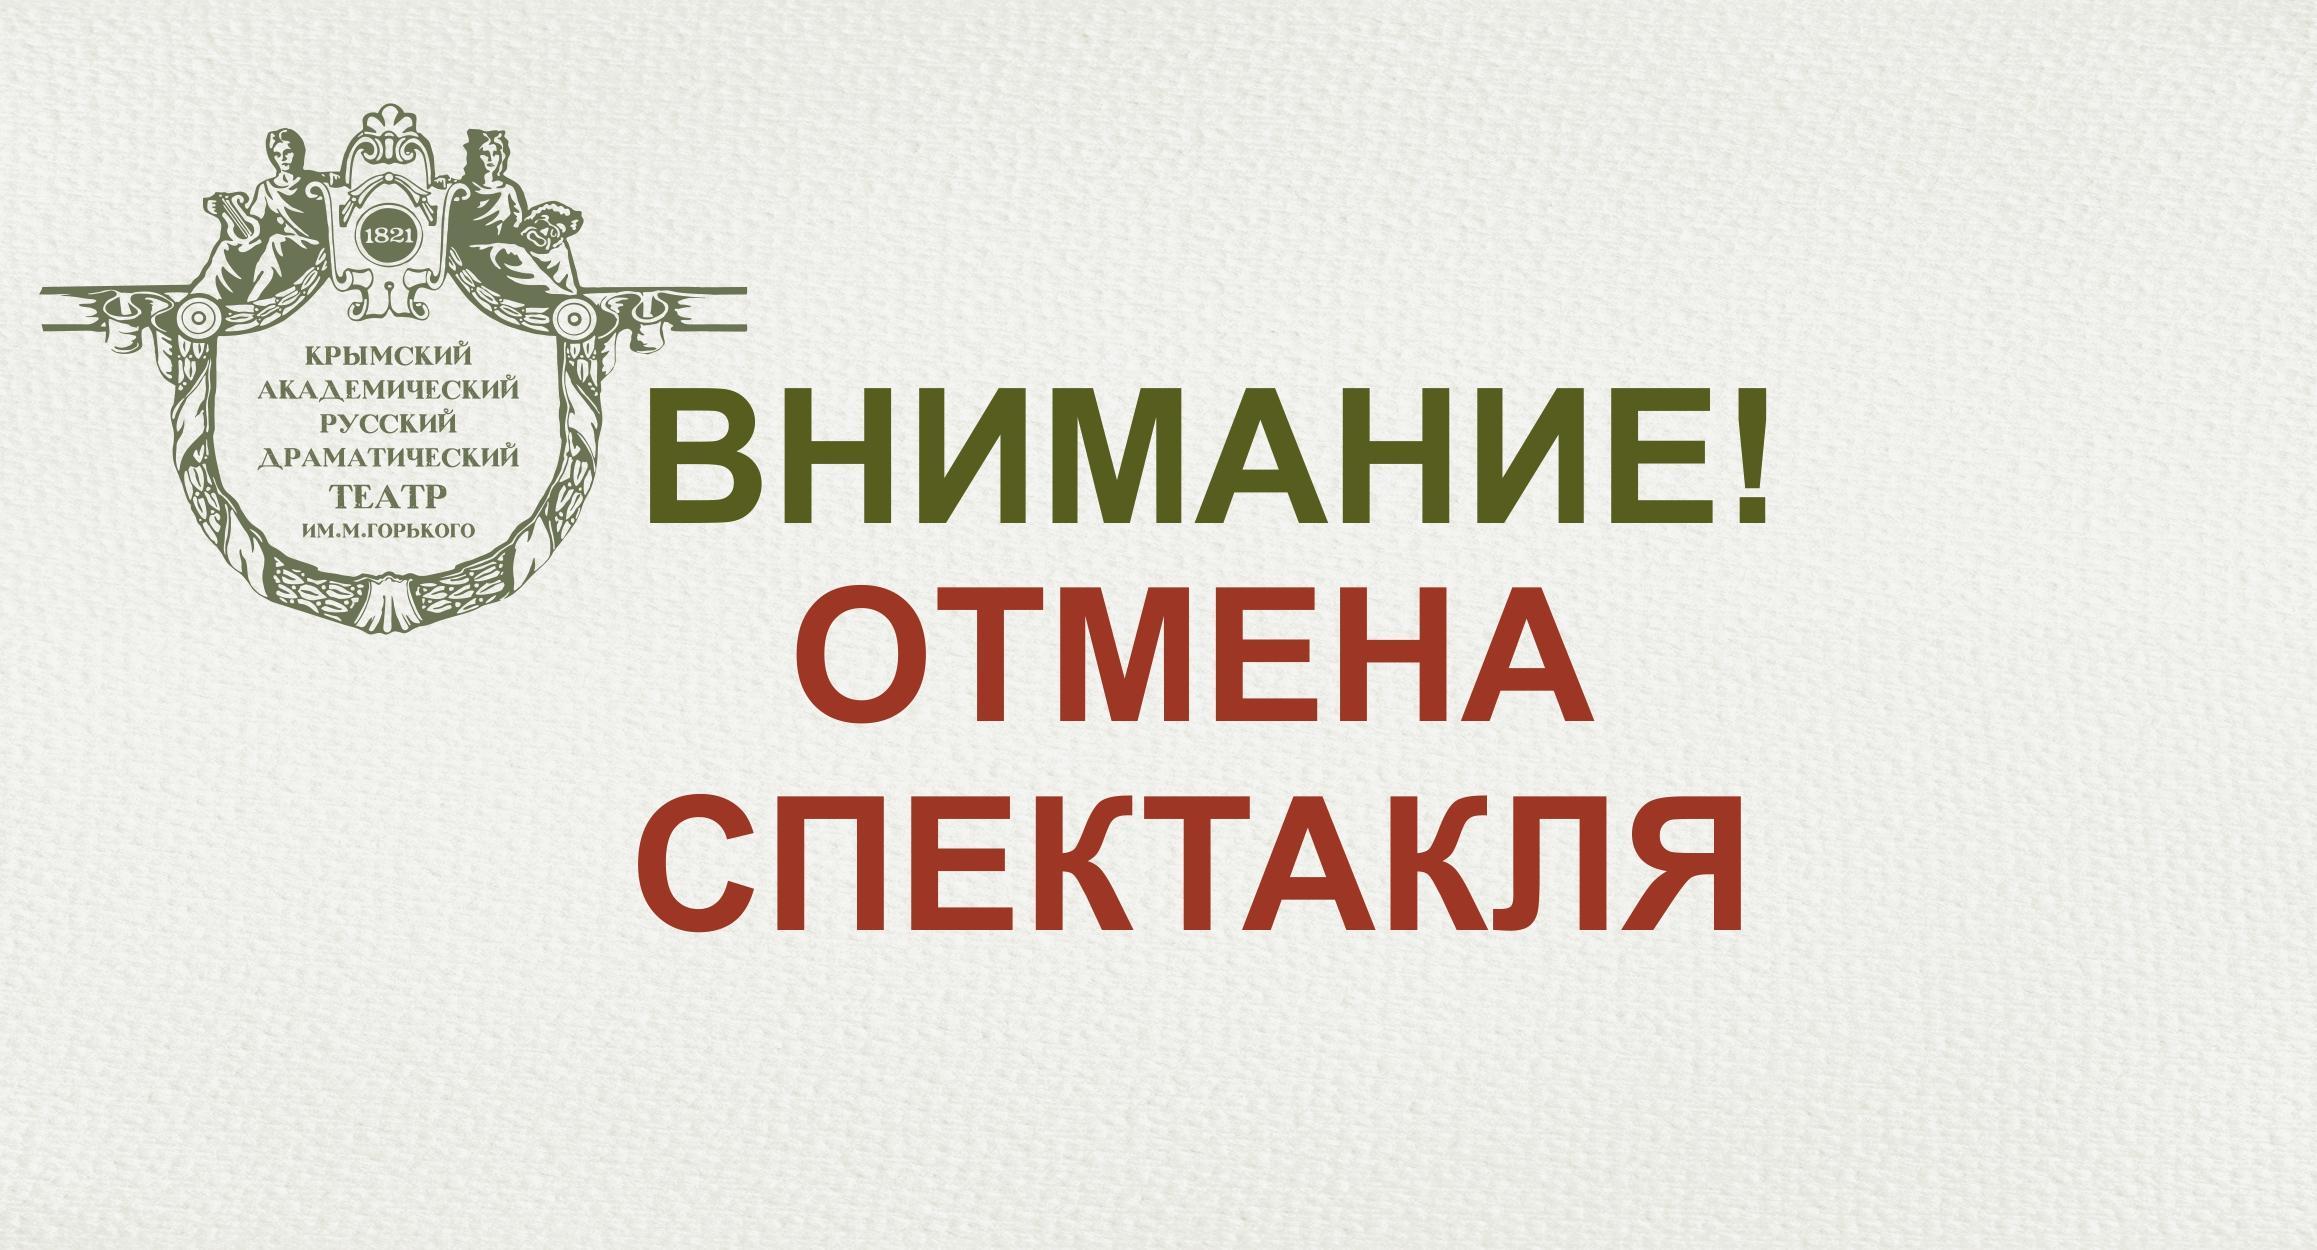 ОТМЕНА1